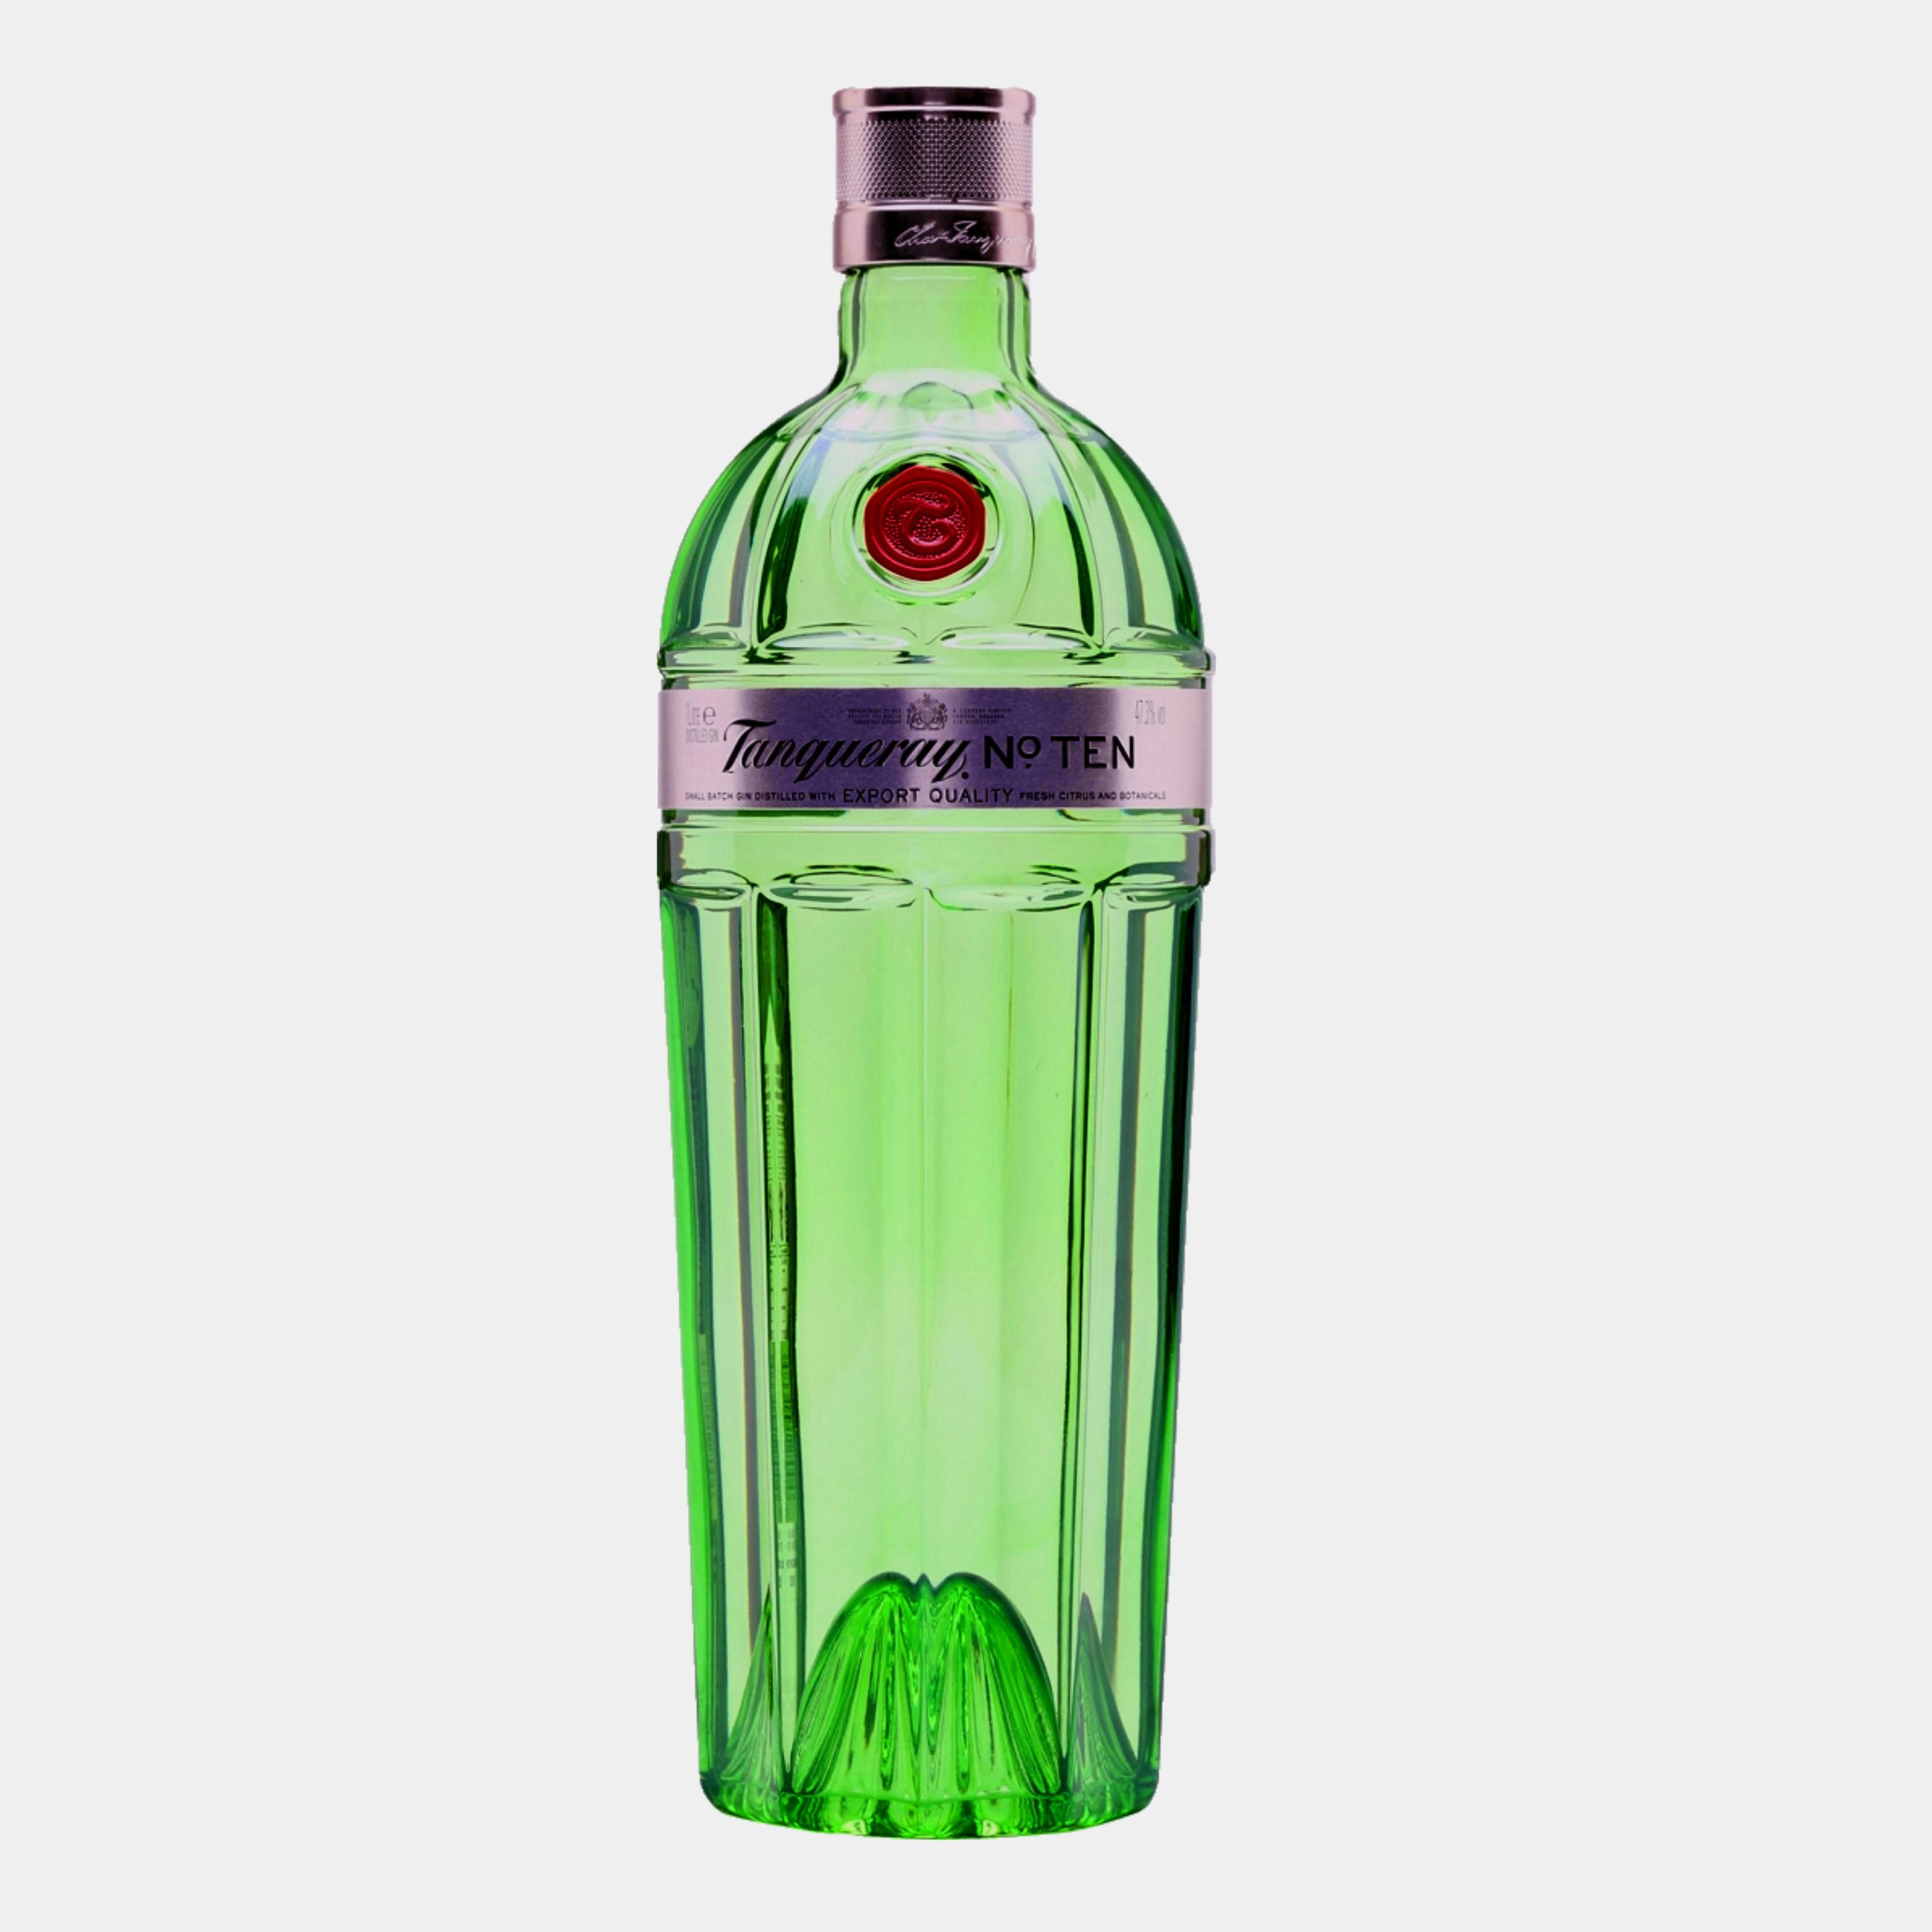 Tanqueray No. TEN Gin 0.7L 47.3% Alk.